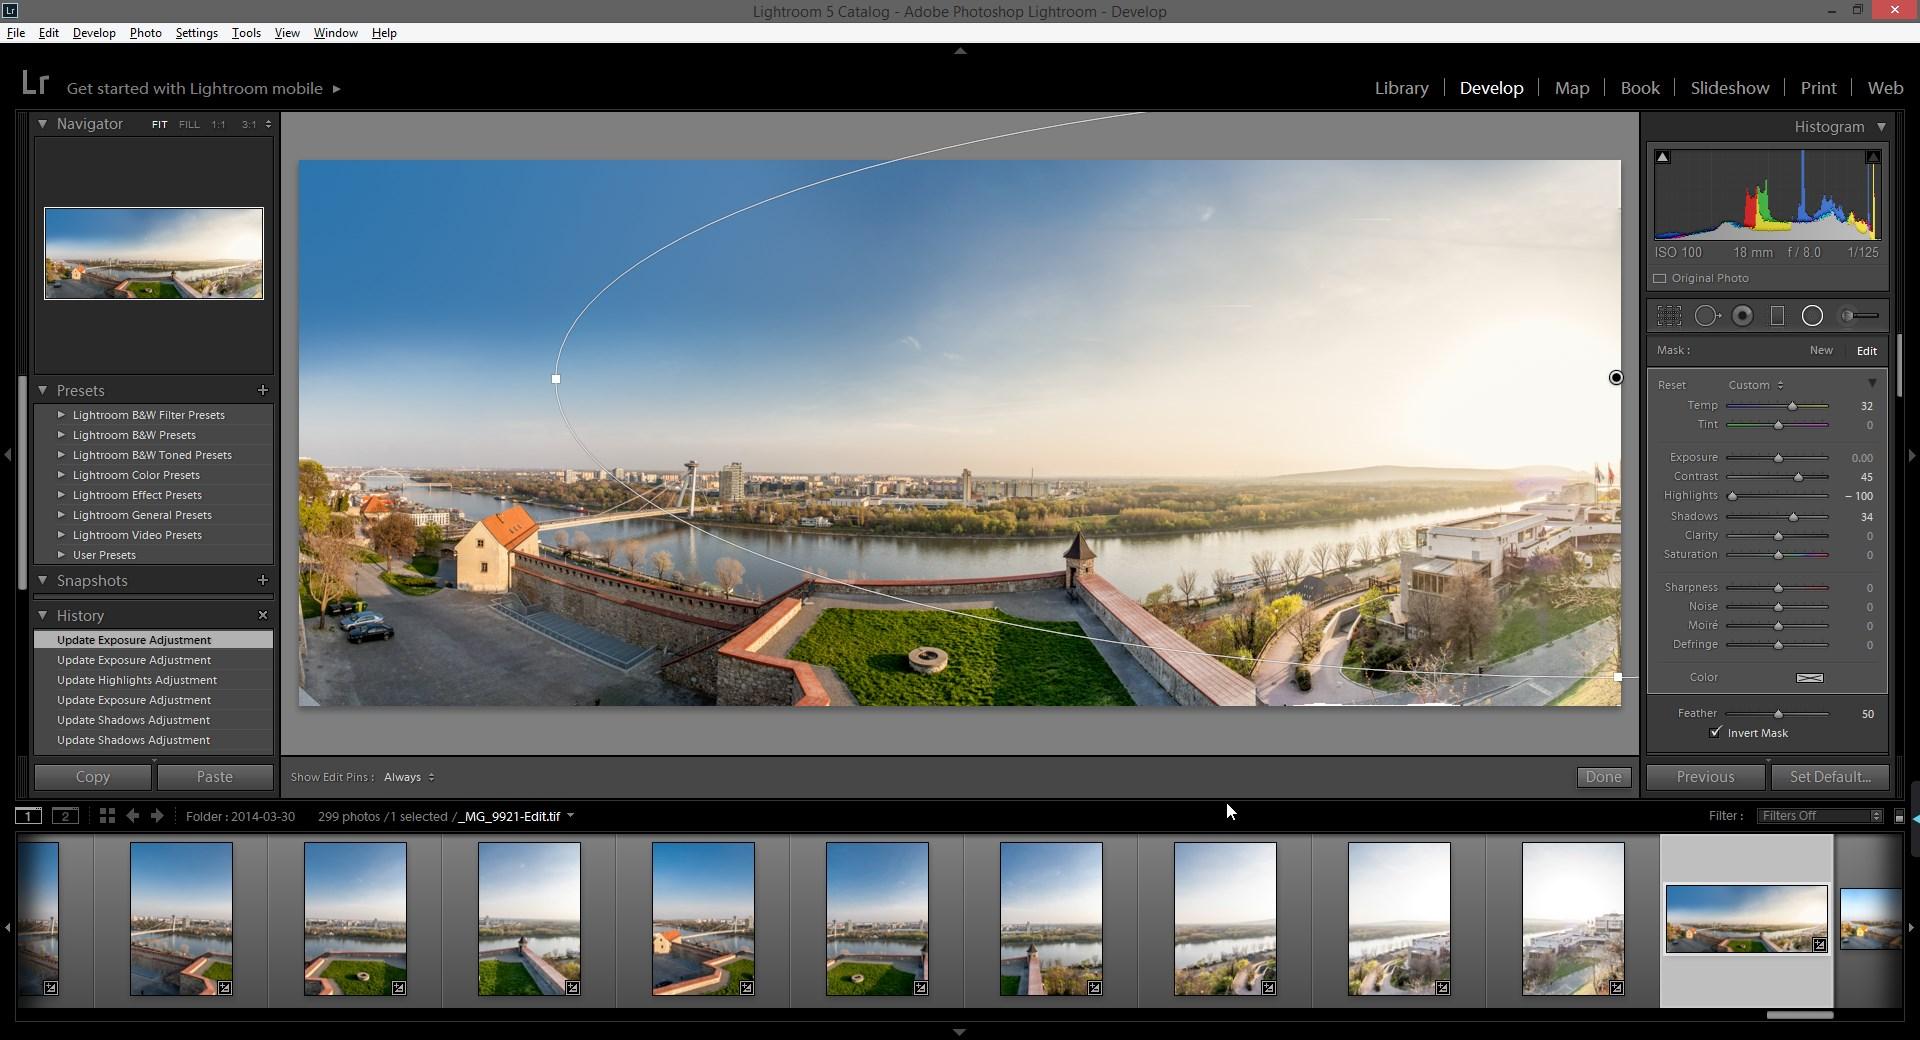 Lightroom_5_Catalog_-_Adobe_Photoshop_Lightroom_-__2015-03-13_18-45-56